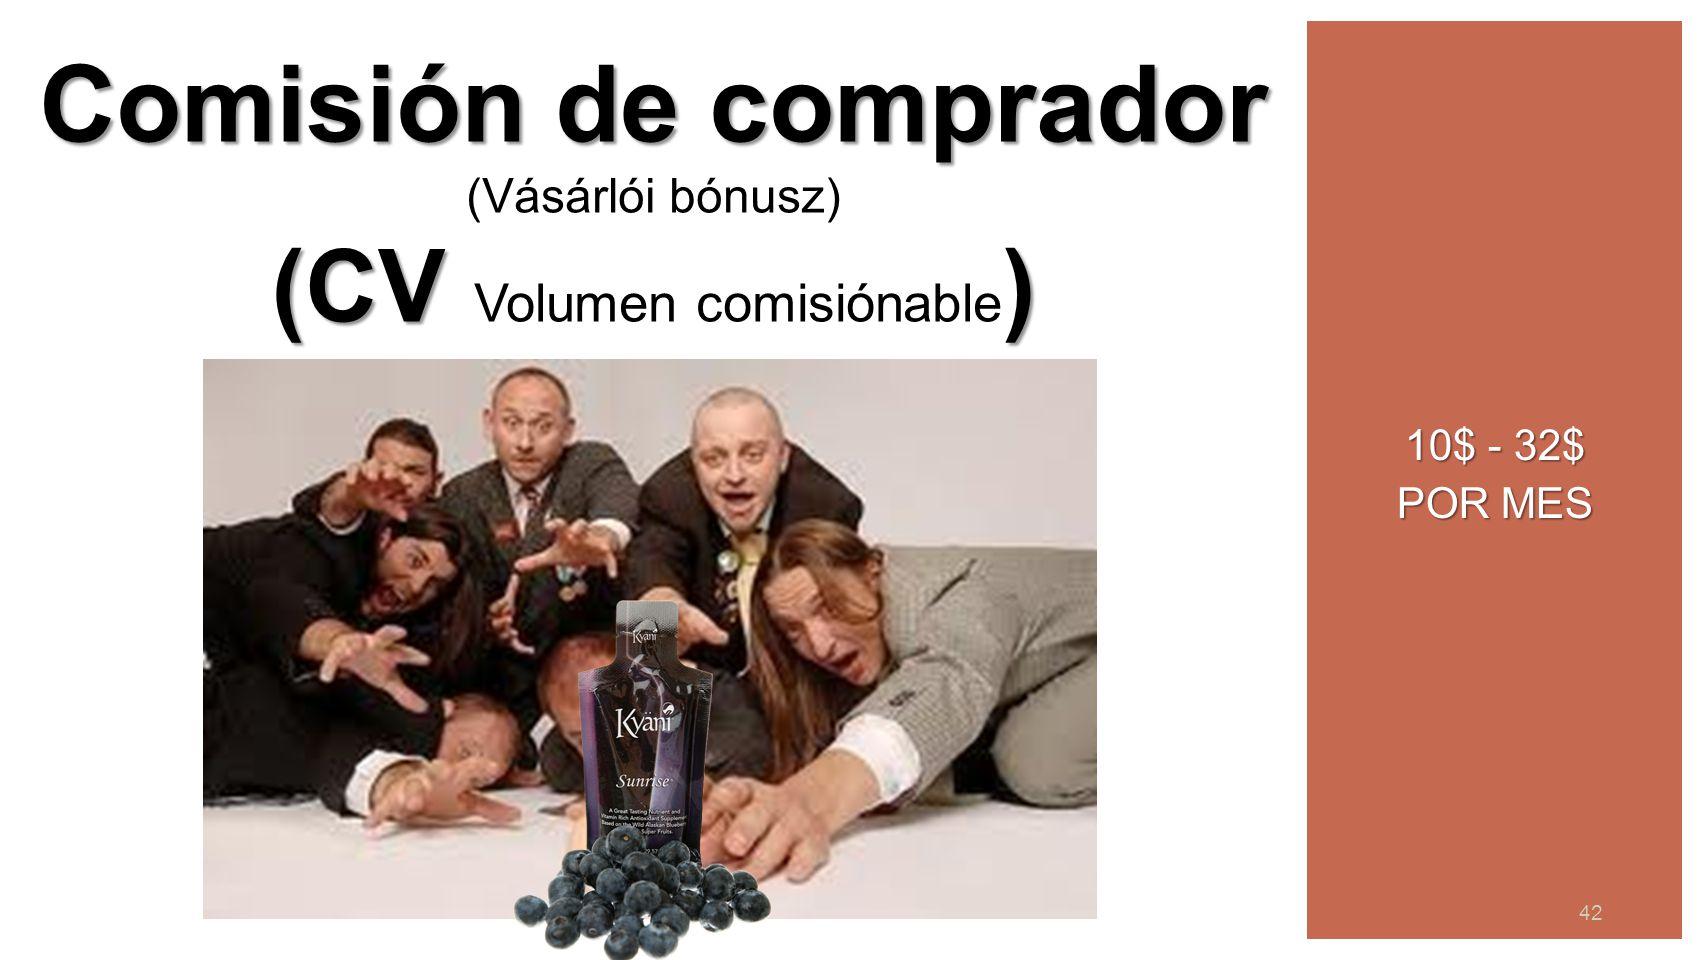 43 42 10$ - 32$ POR MES Comisión de comprador (Vásárlói bónusz) (CV ) (CV Volumen comisiónable )